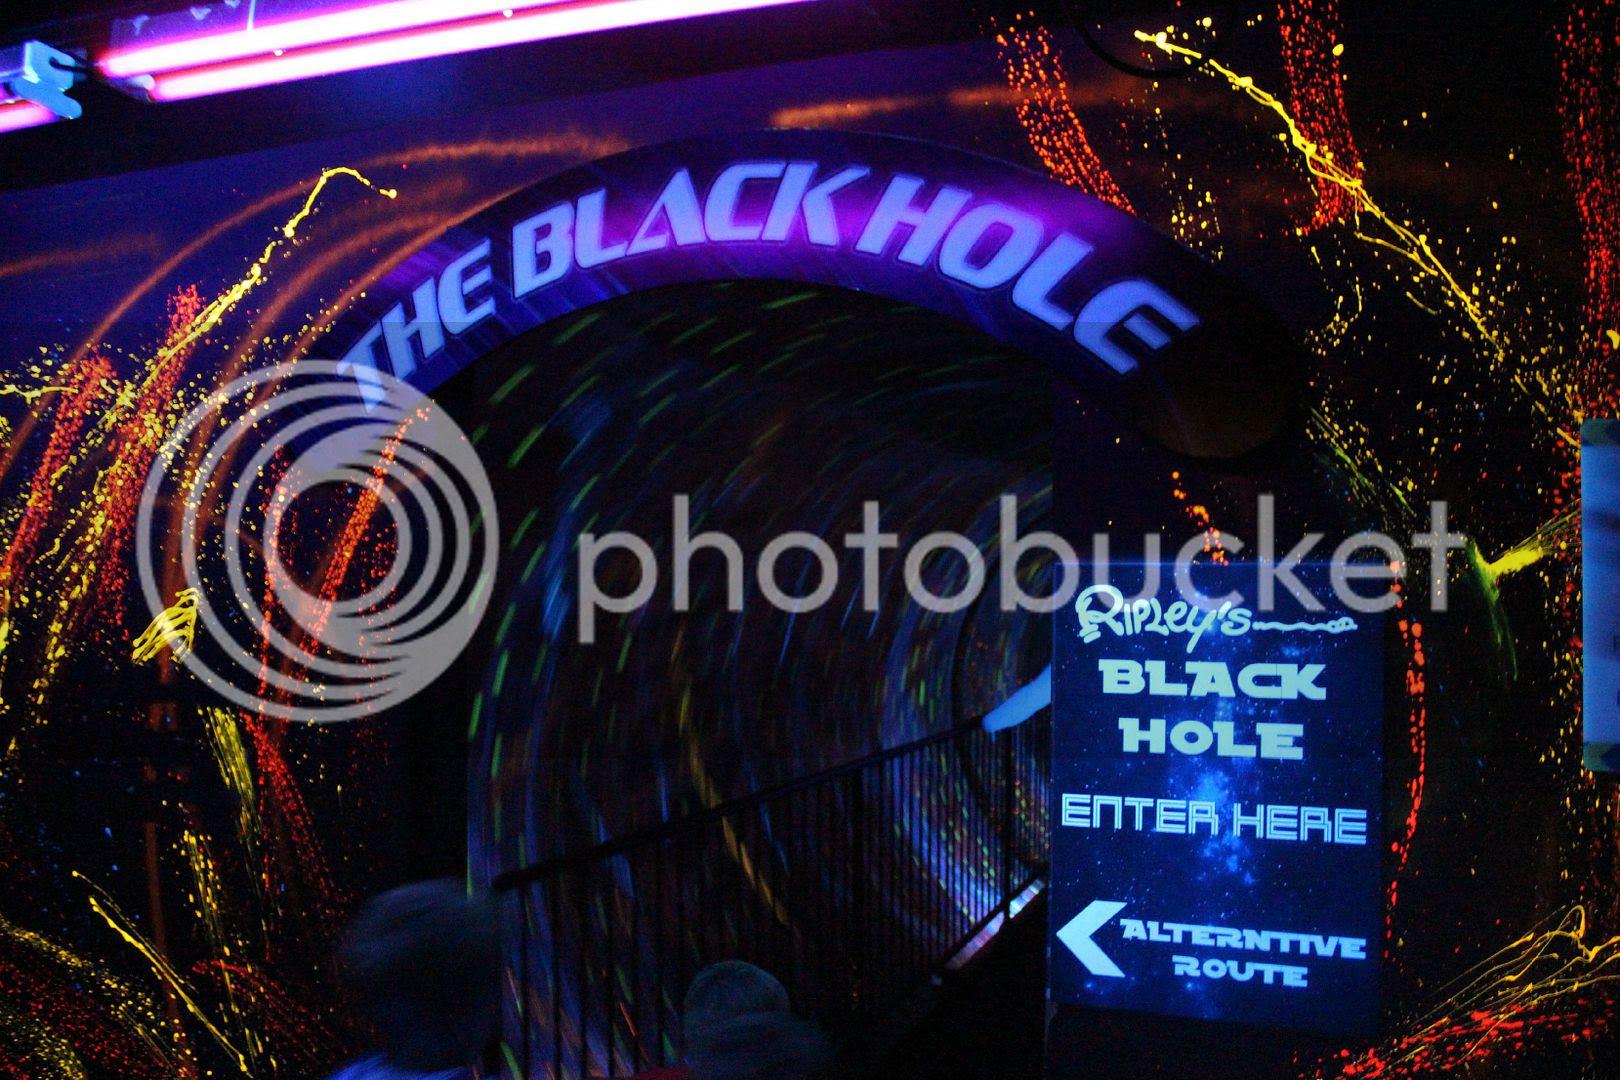 Black hole at Ripley's